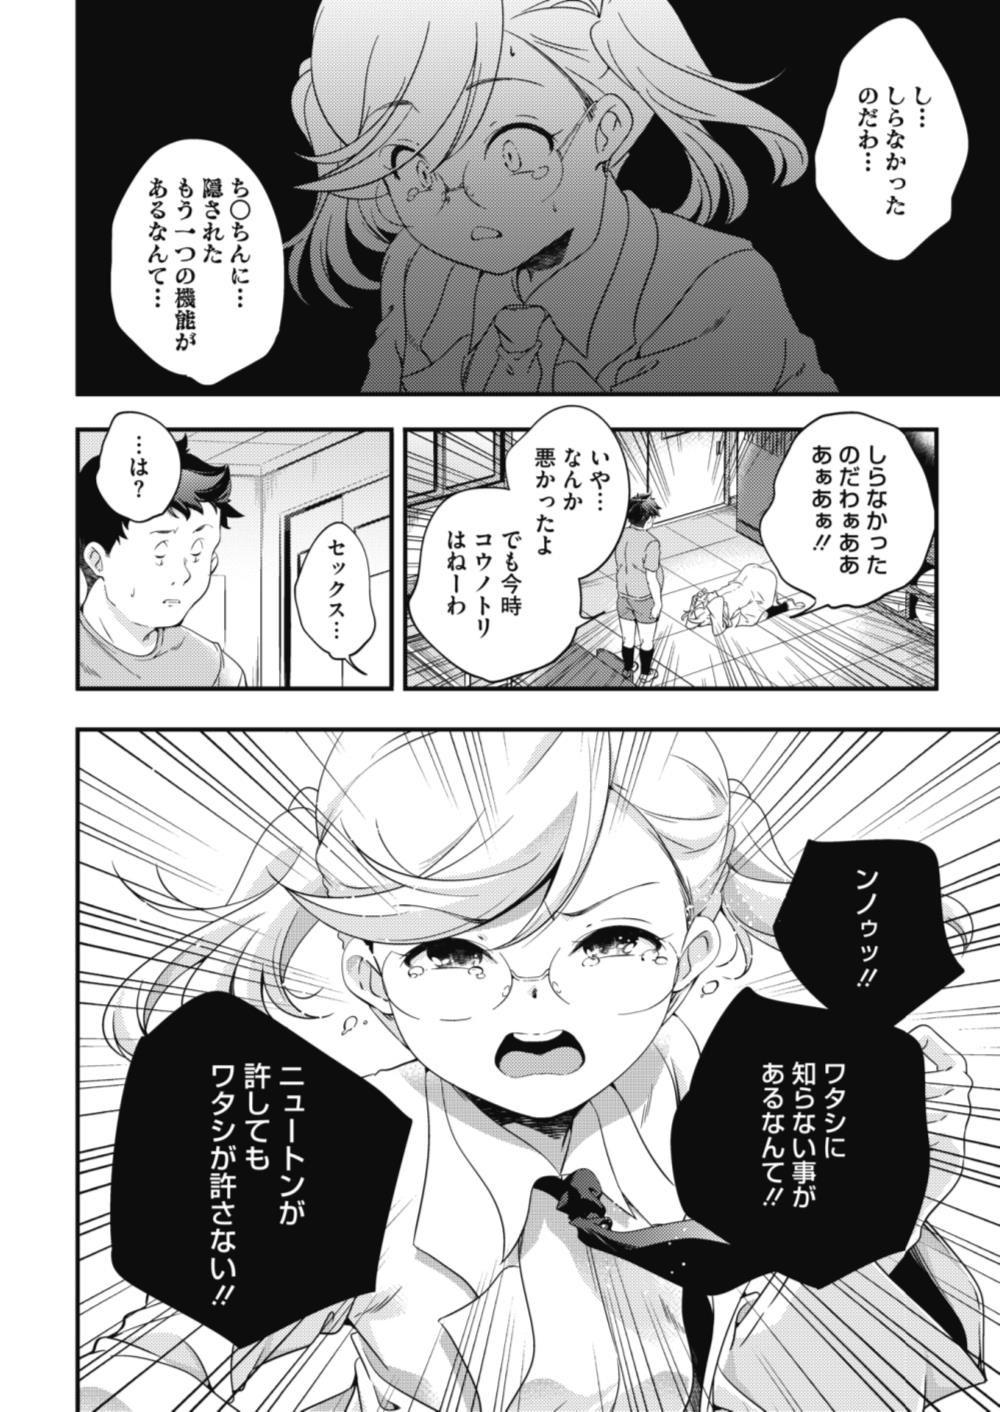 【エロ漫画】赤ちゃんの知識を得たメガネJK…早速実践正常位生中出ししますwww【山崎かずま:空想科学少女じーにあす】